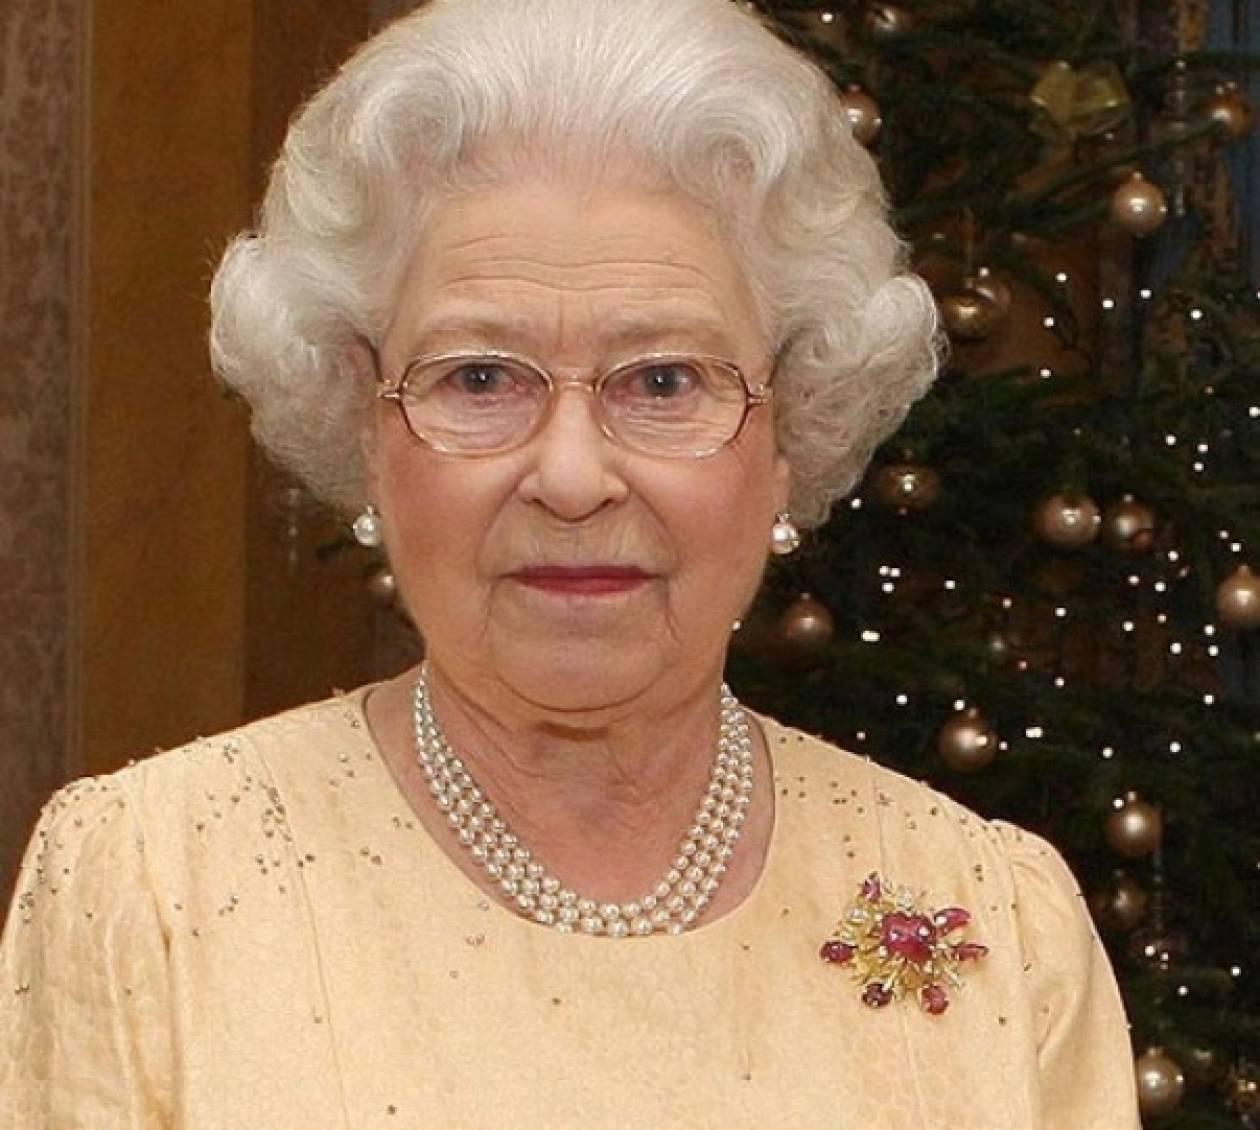 Η έκπληξη της Βασίλισσας Ελισάβετ για τα Χριστούγεννα